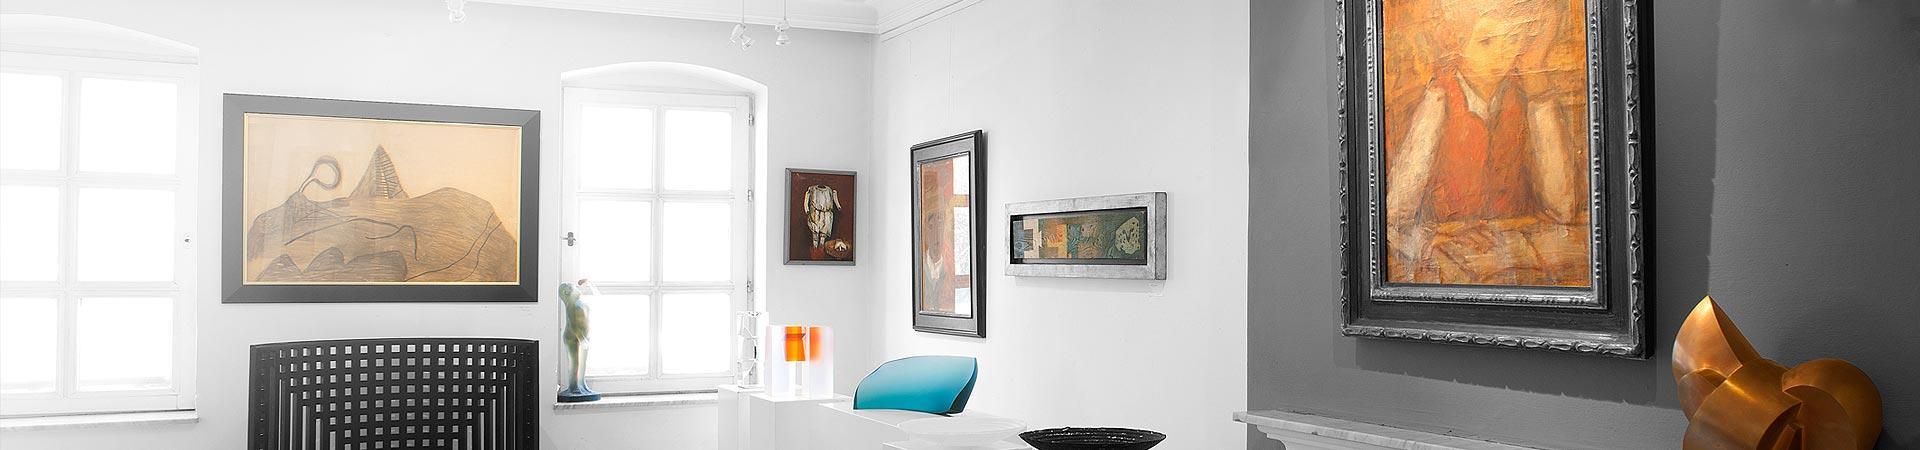 gallery-header-3.jpg